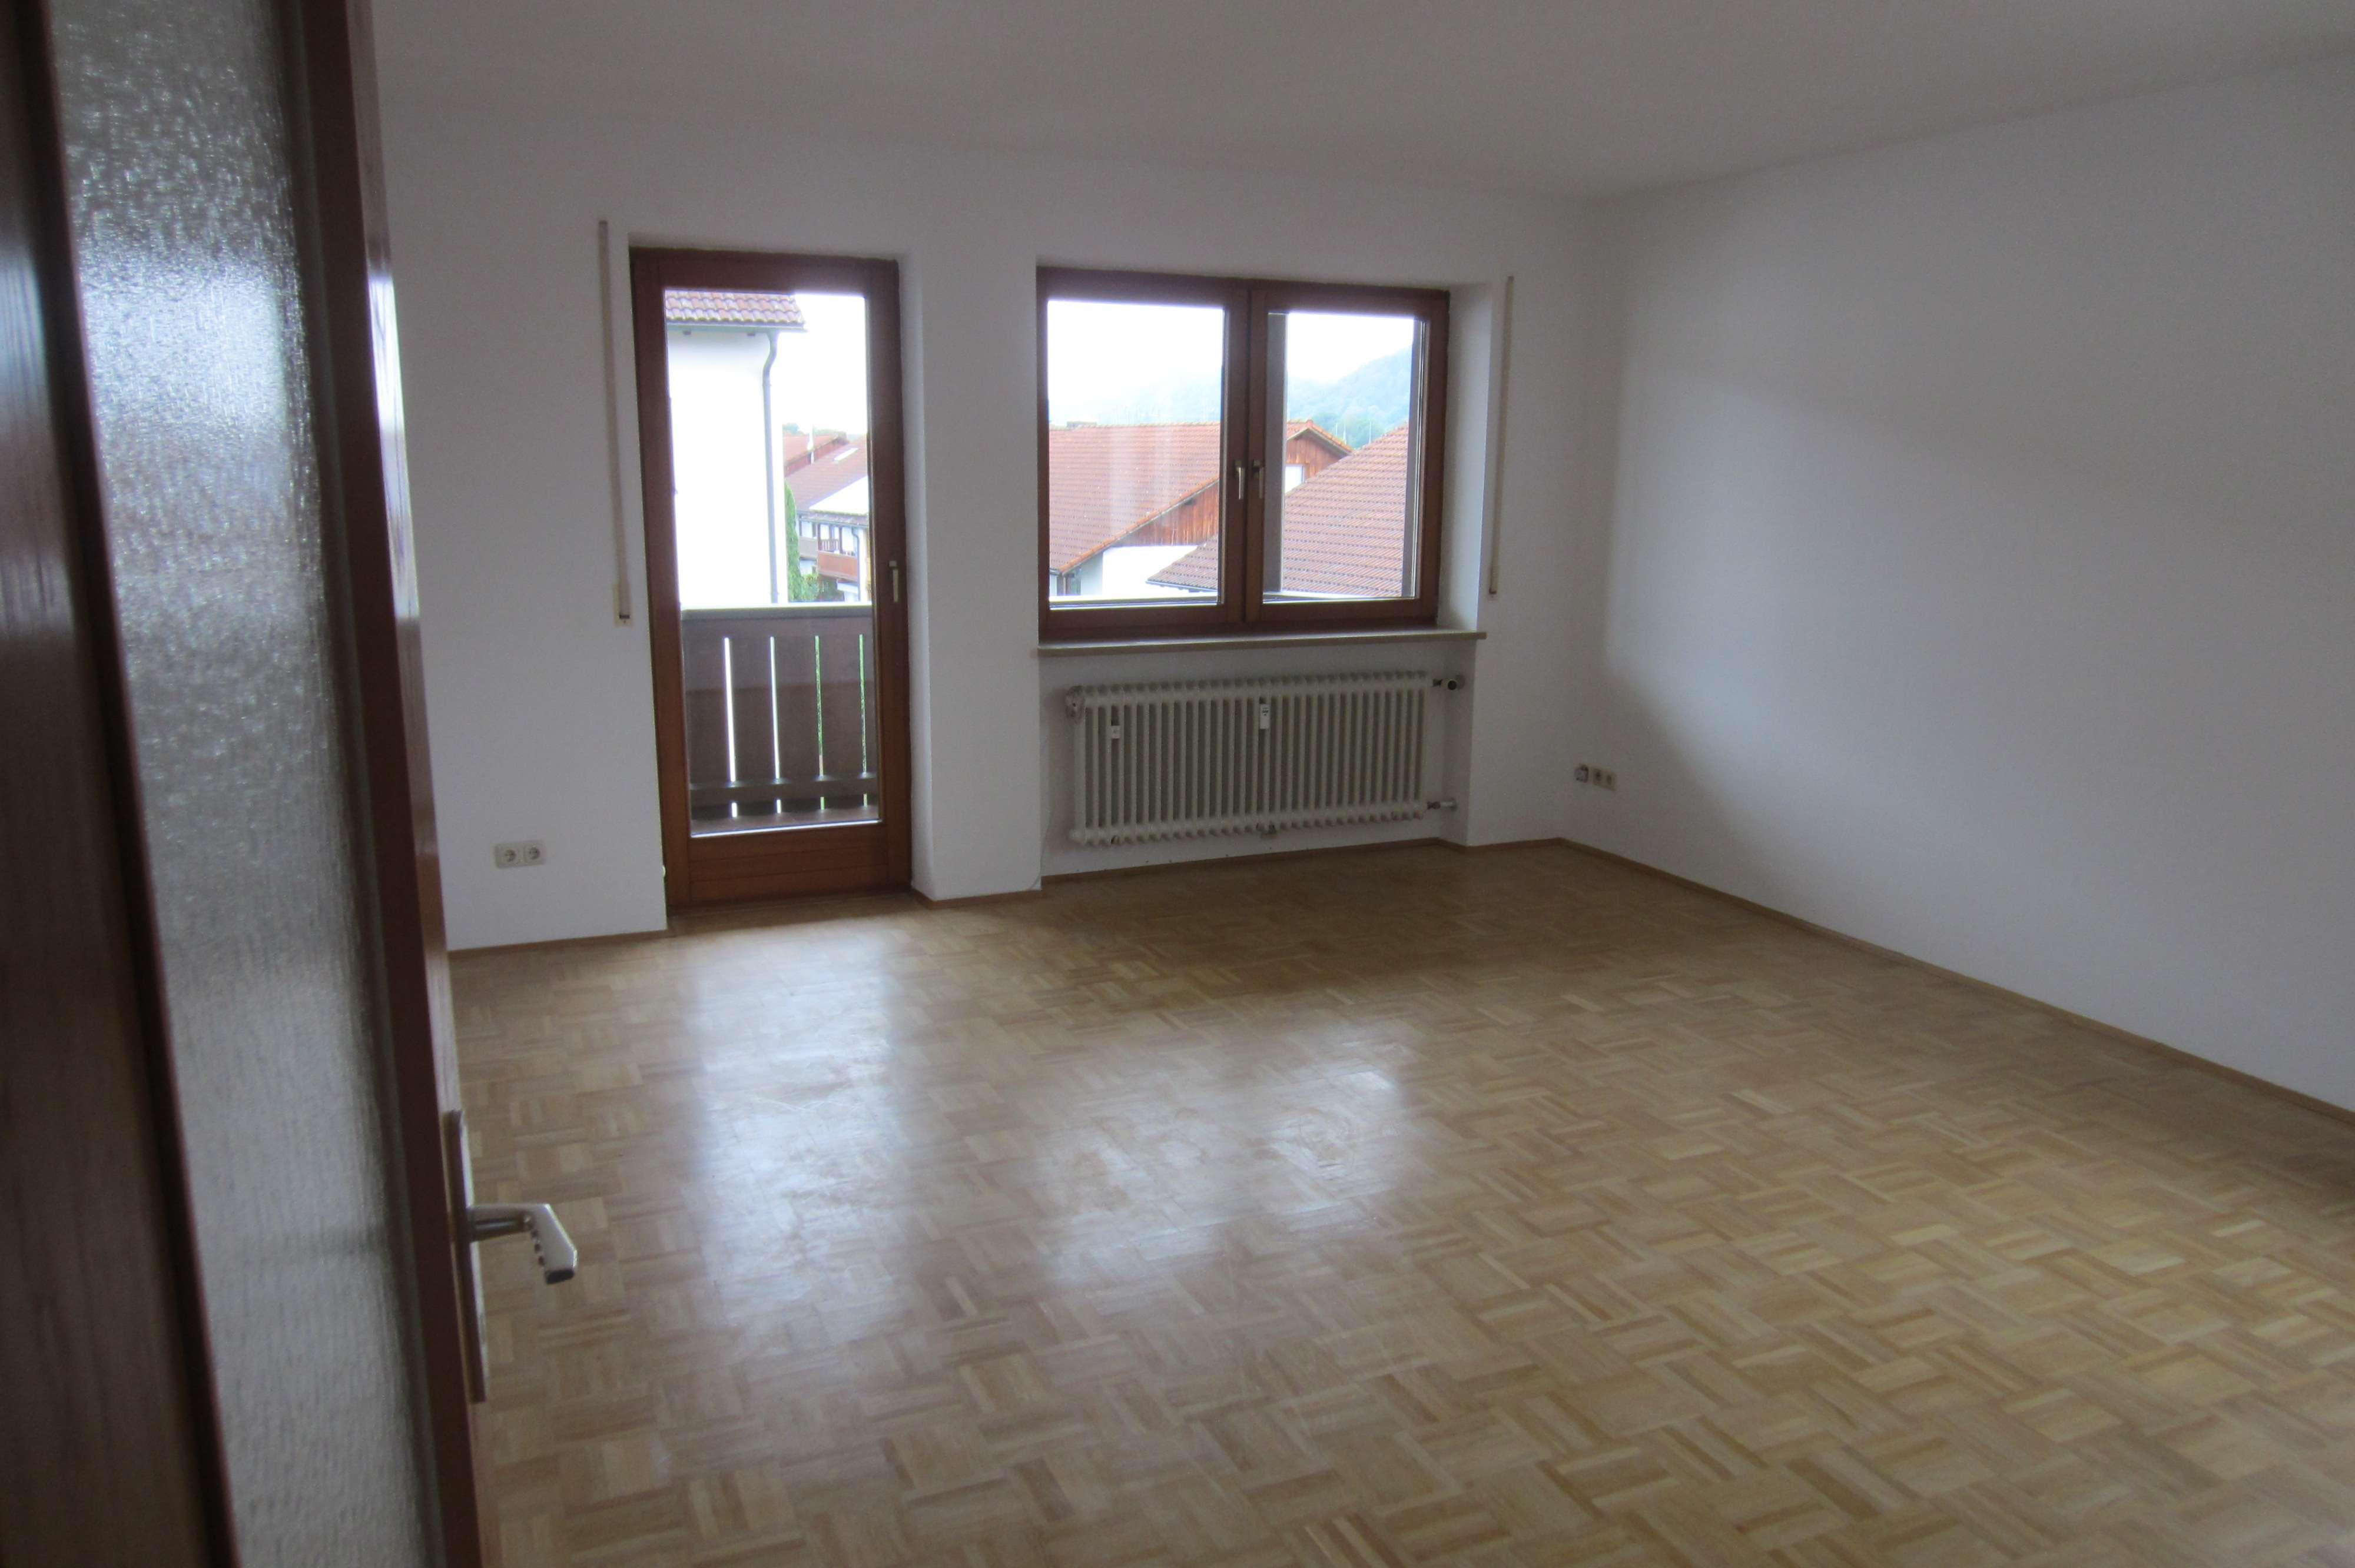 3-Zimmer-Wohnung in Kirchdorf a. Inn in Simbach am Inn